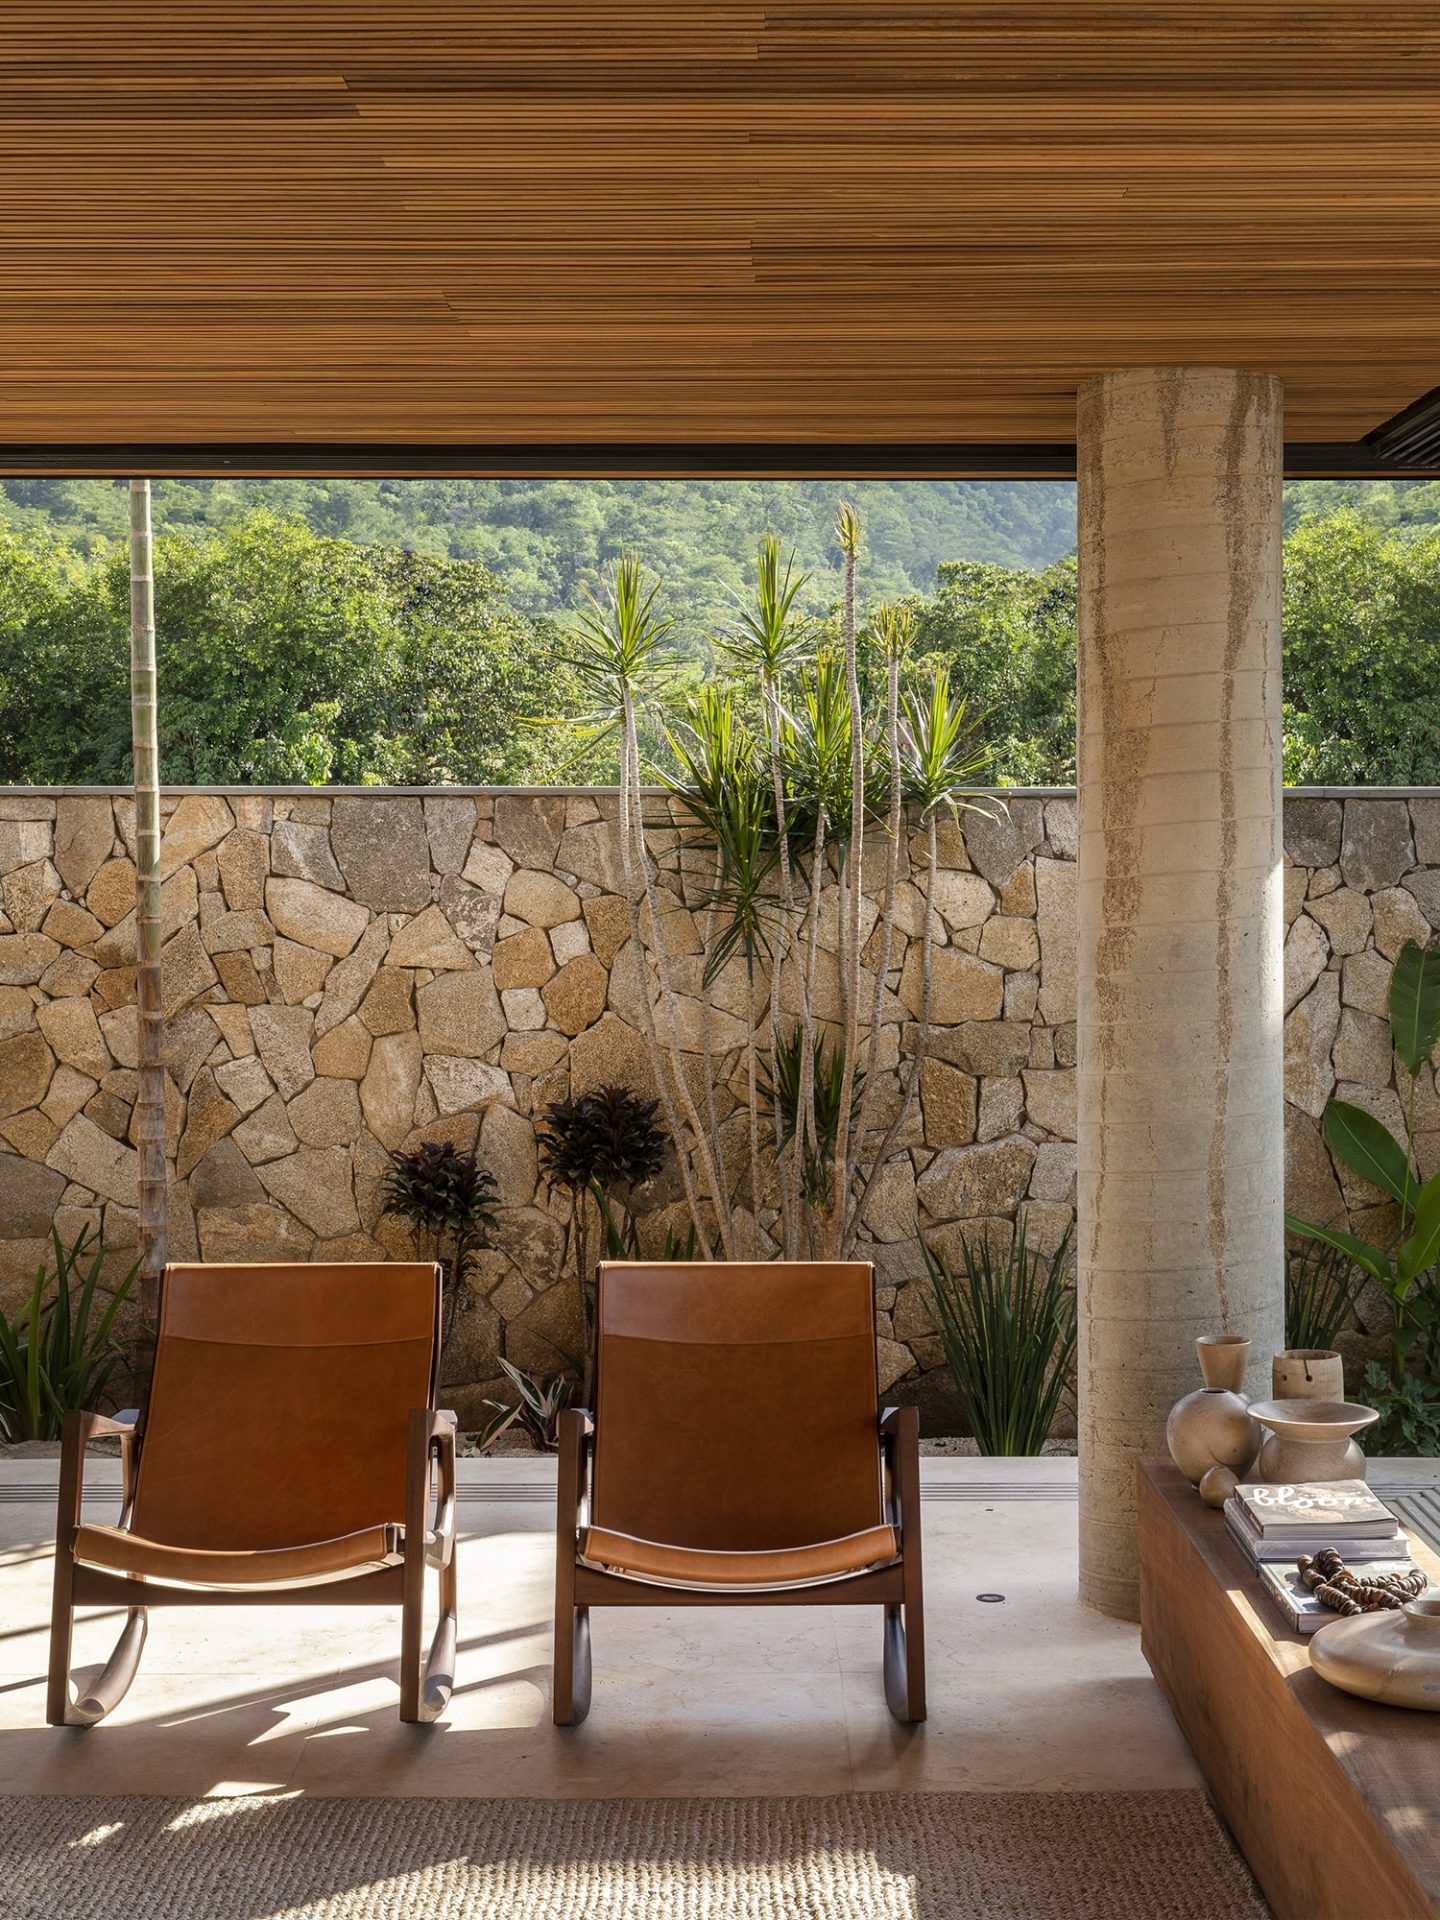 IGNANT-Architecture-MF-Arquitetos-Casa-Q04L63-010-min